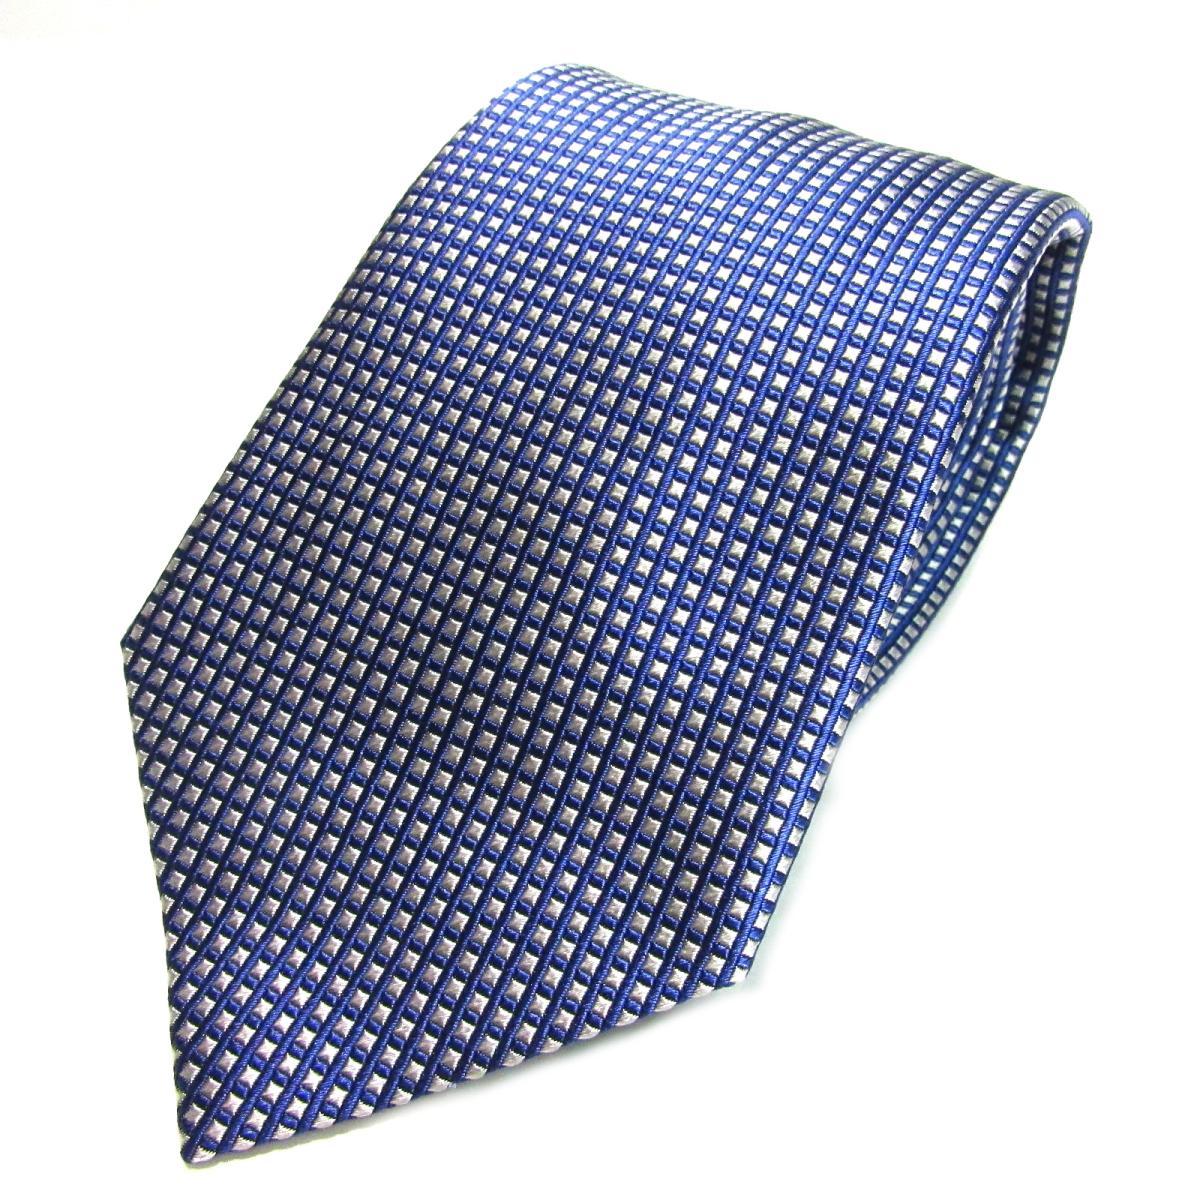 エンポリオアルマーニ ネクタイ メンズ シルク ブルー x ホワイト | ARMANI ネクタイ 新品 ブランドオフ BRANDOFF